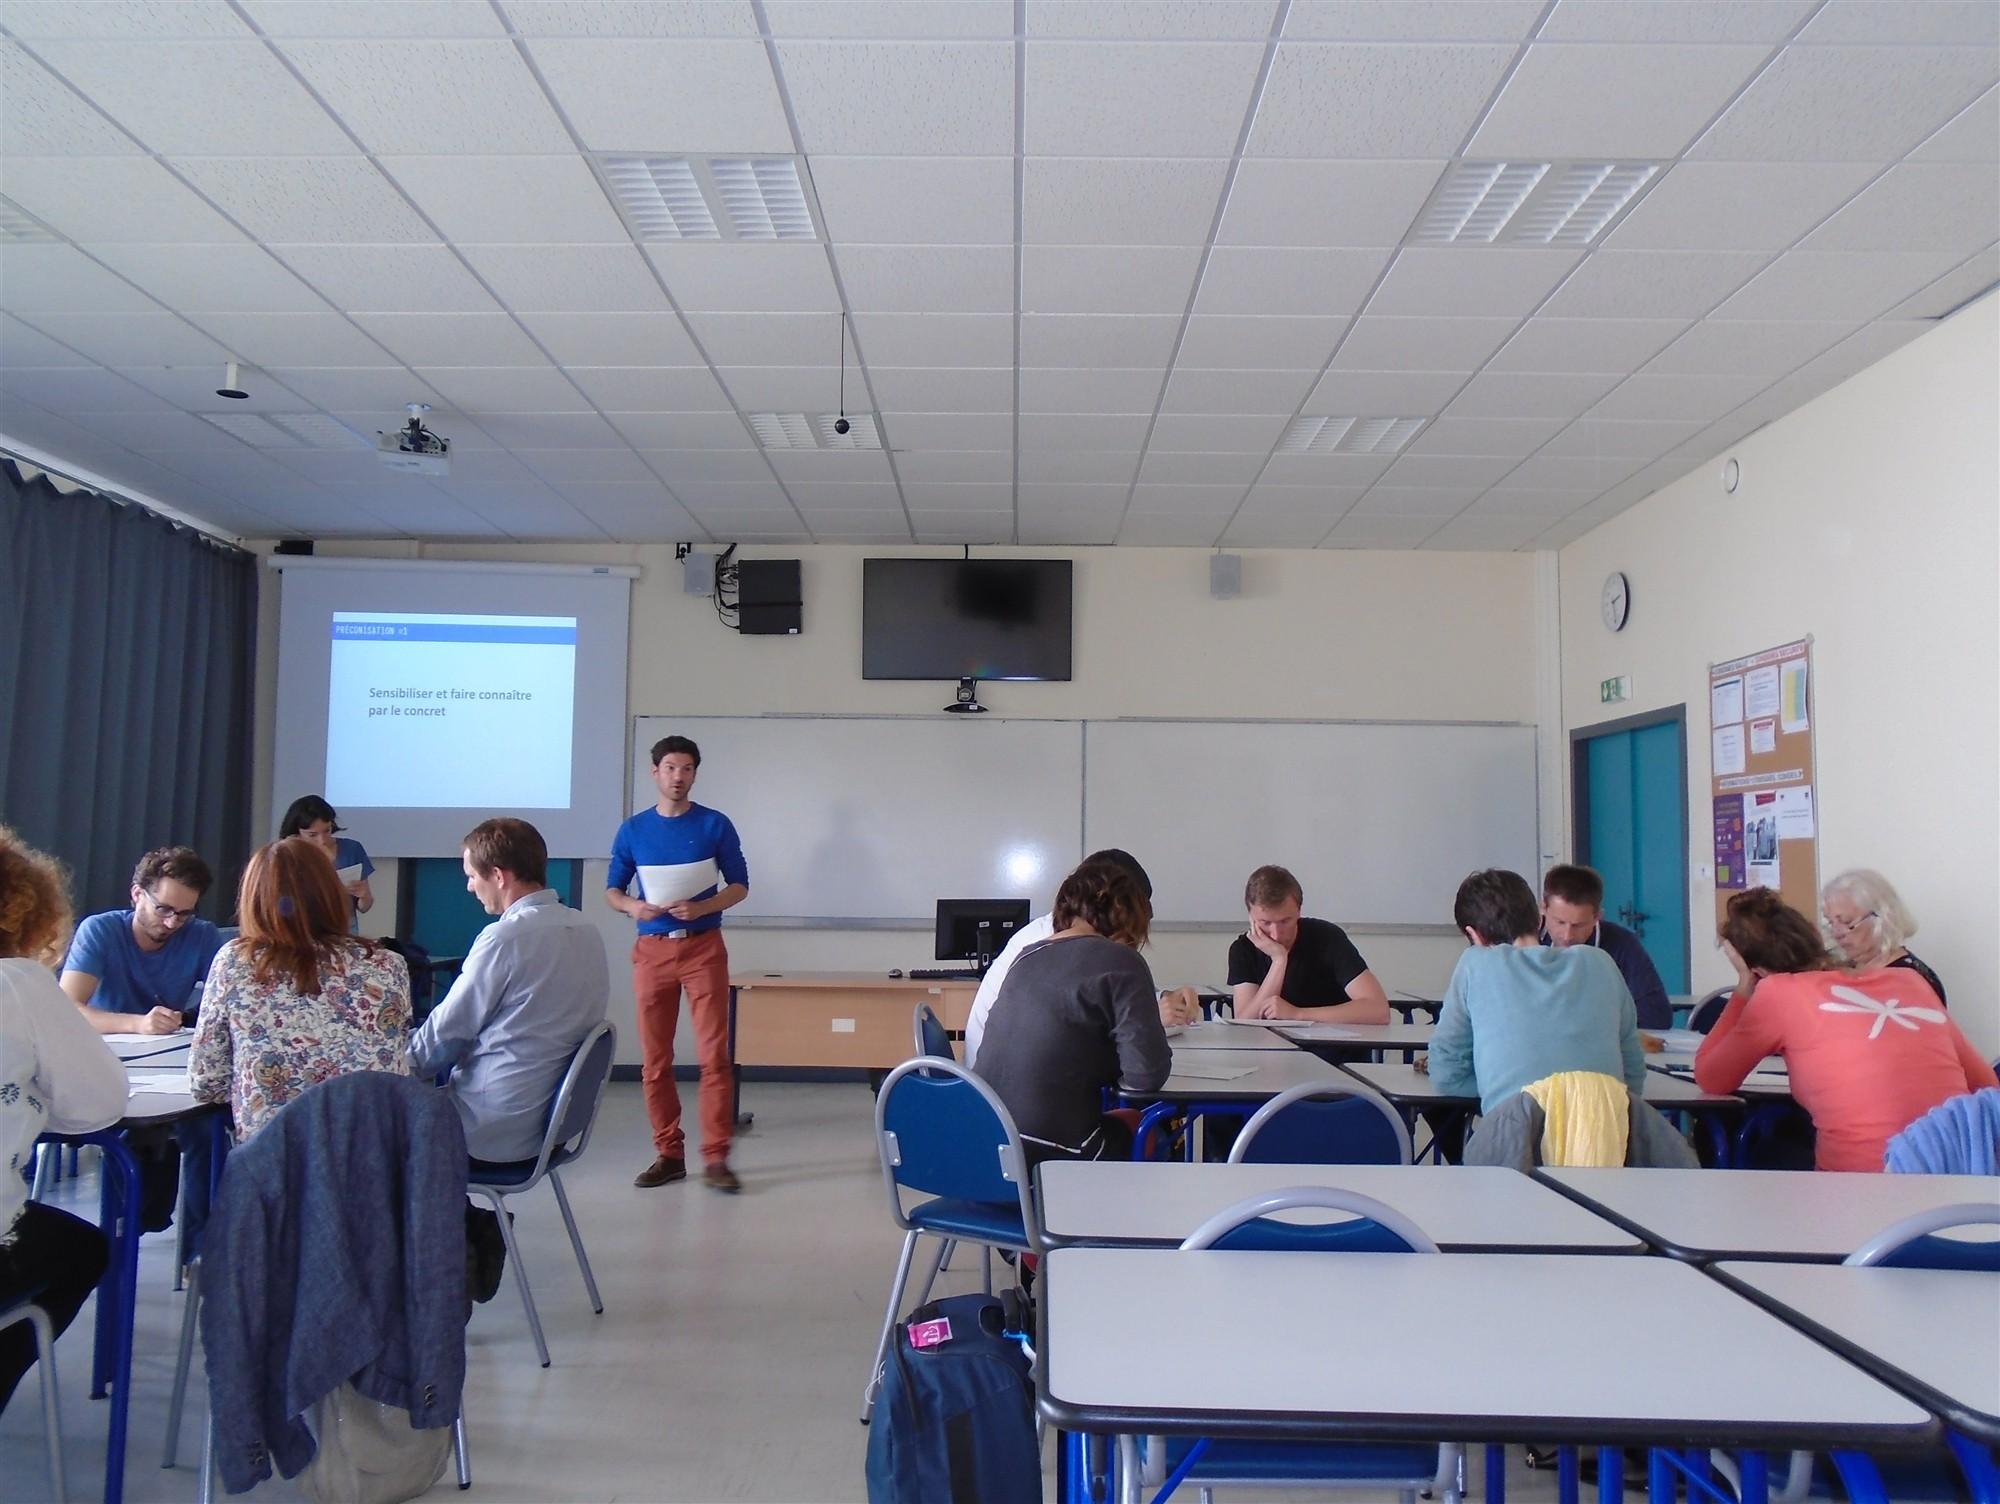 Forum des usages coopératifs